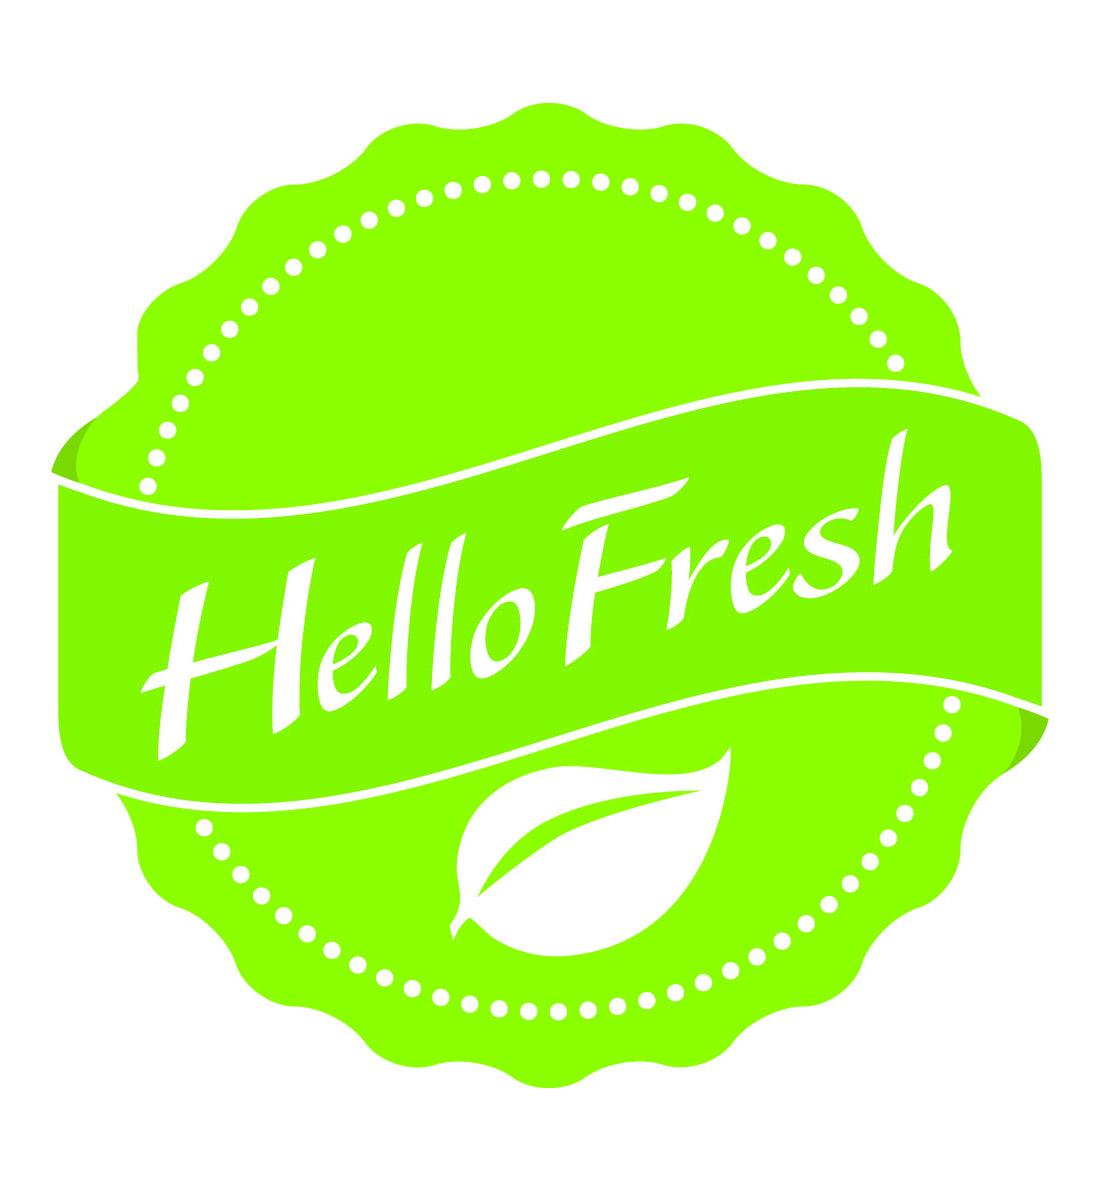 Hello Fredh